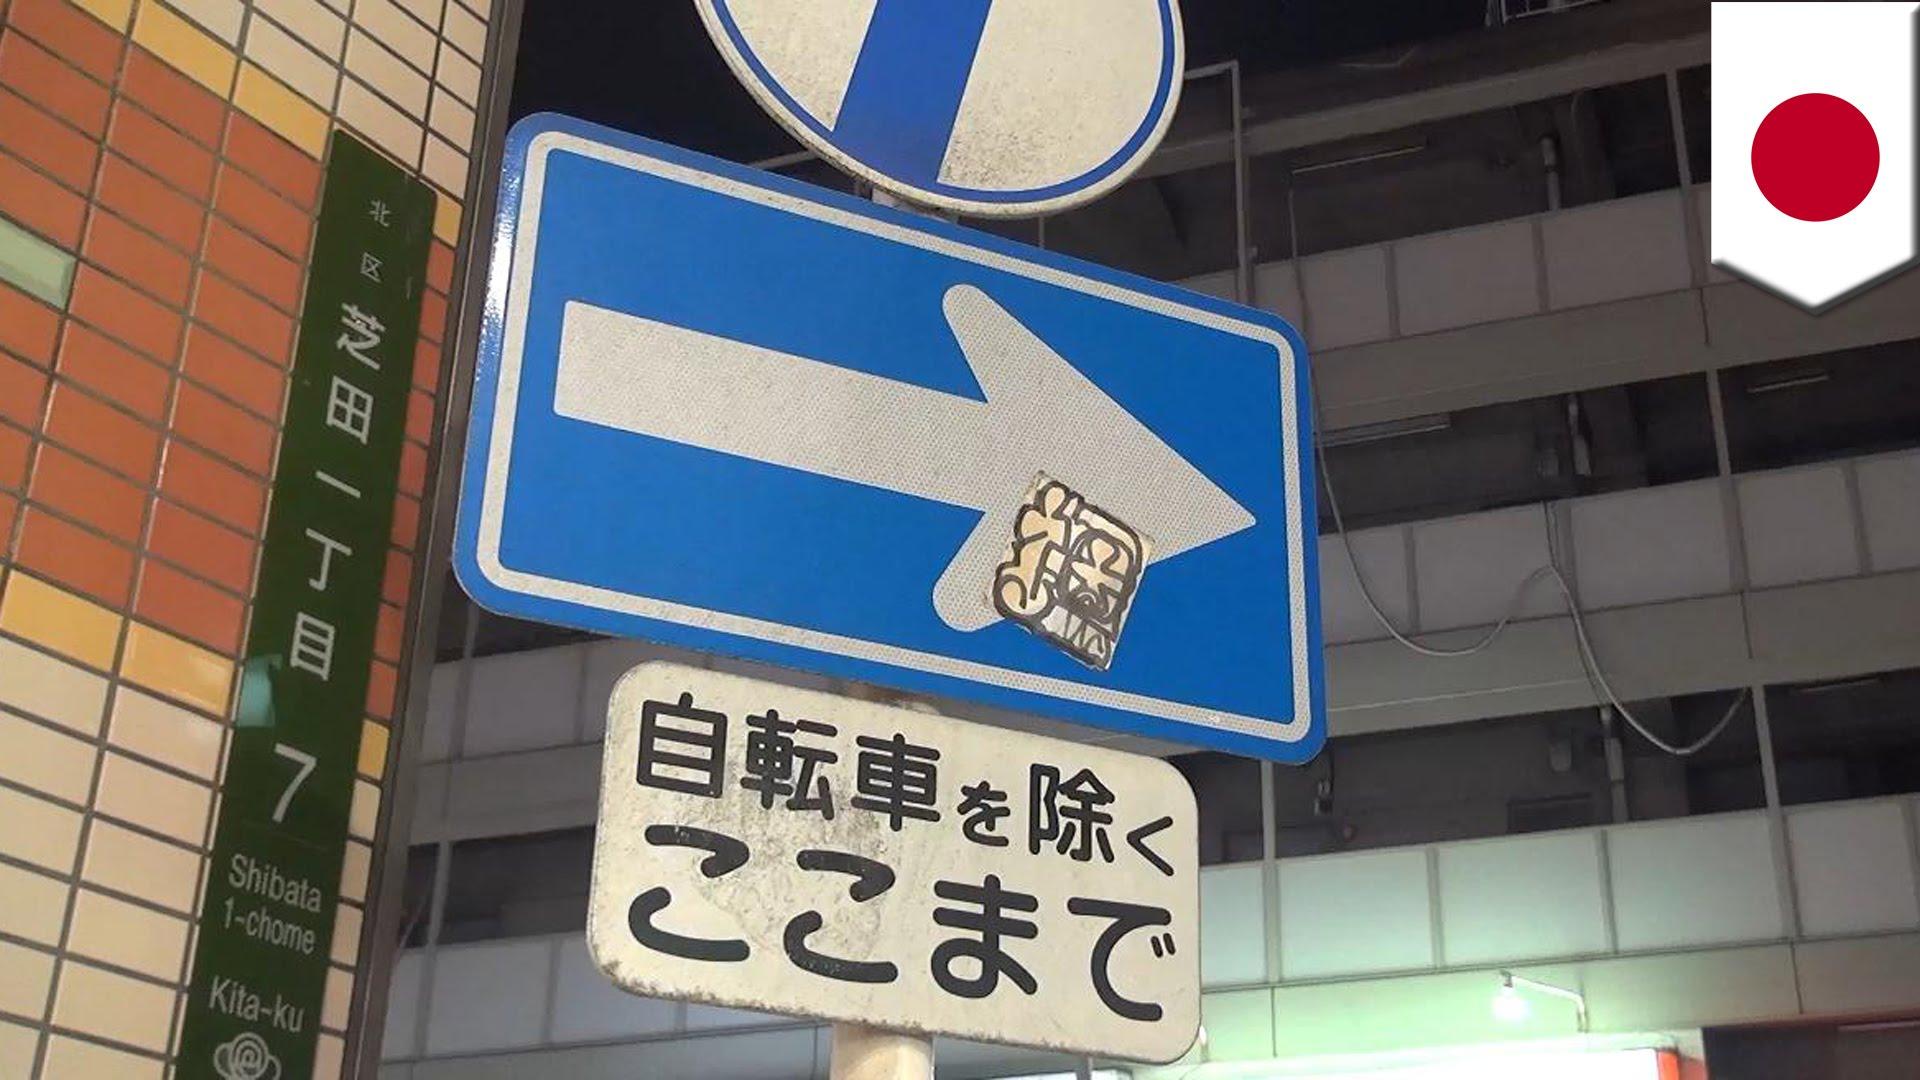 道路標識にシール貼った女